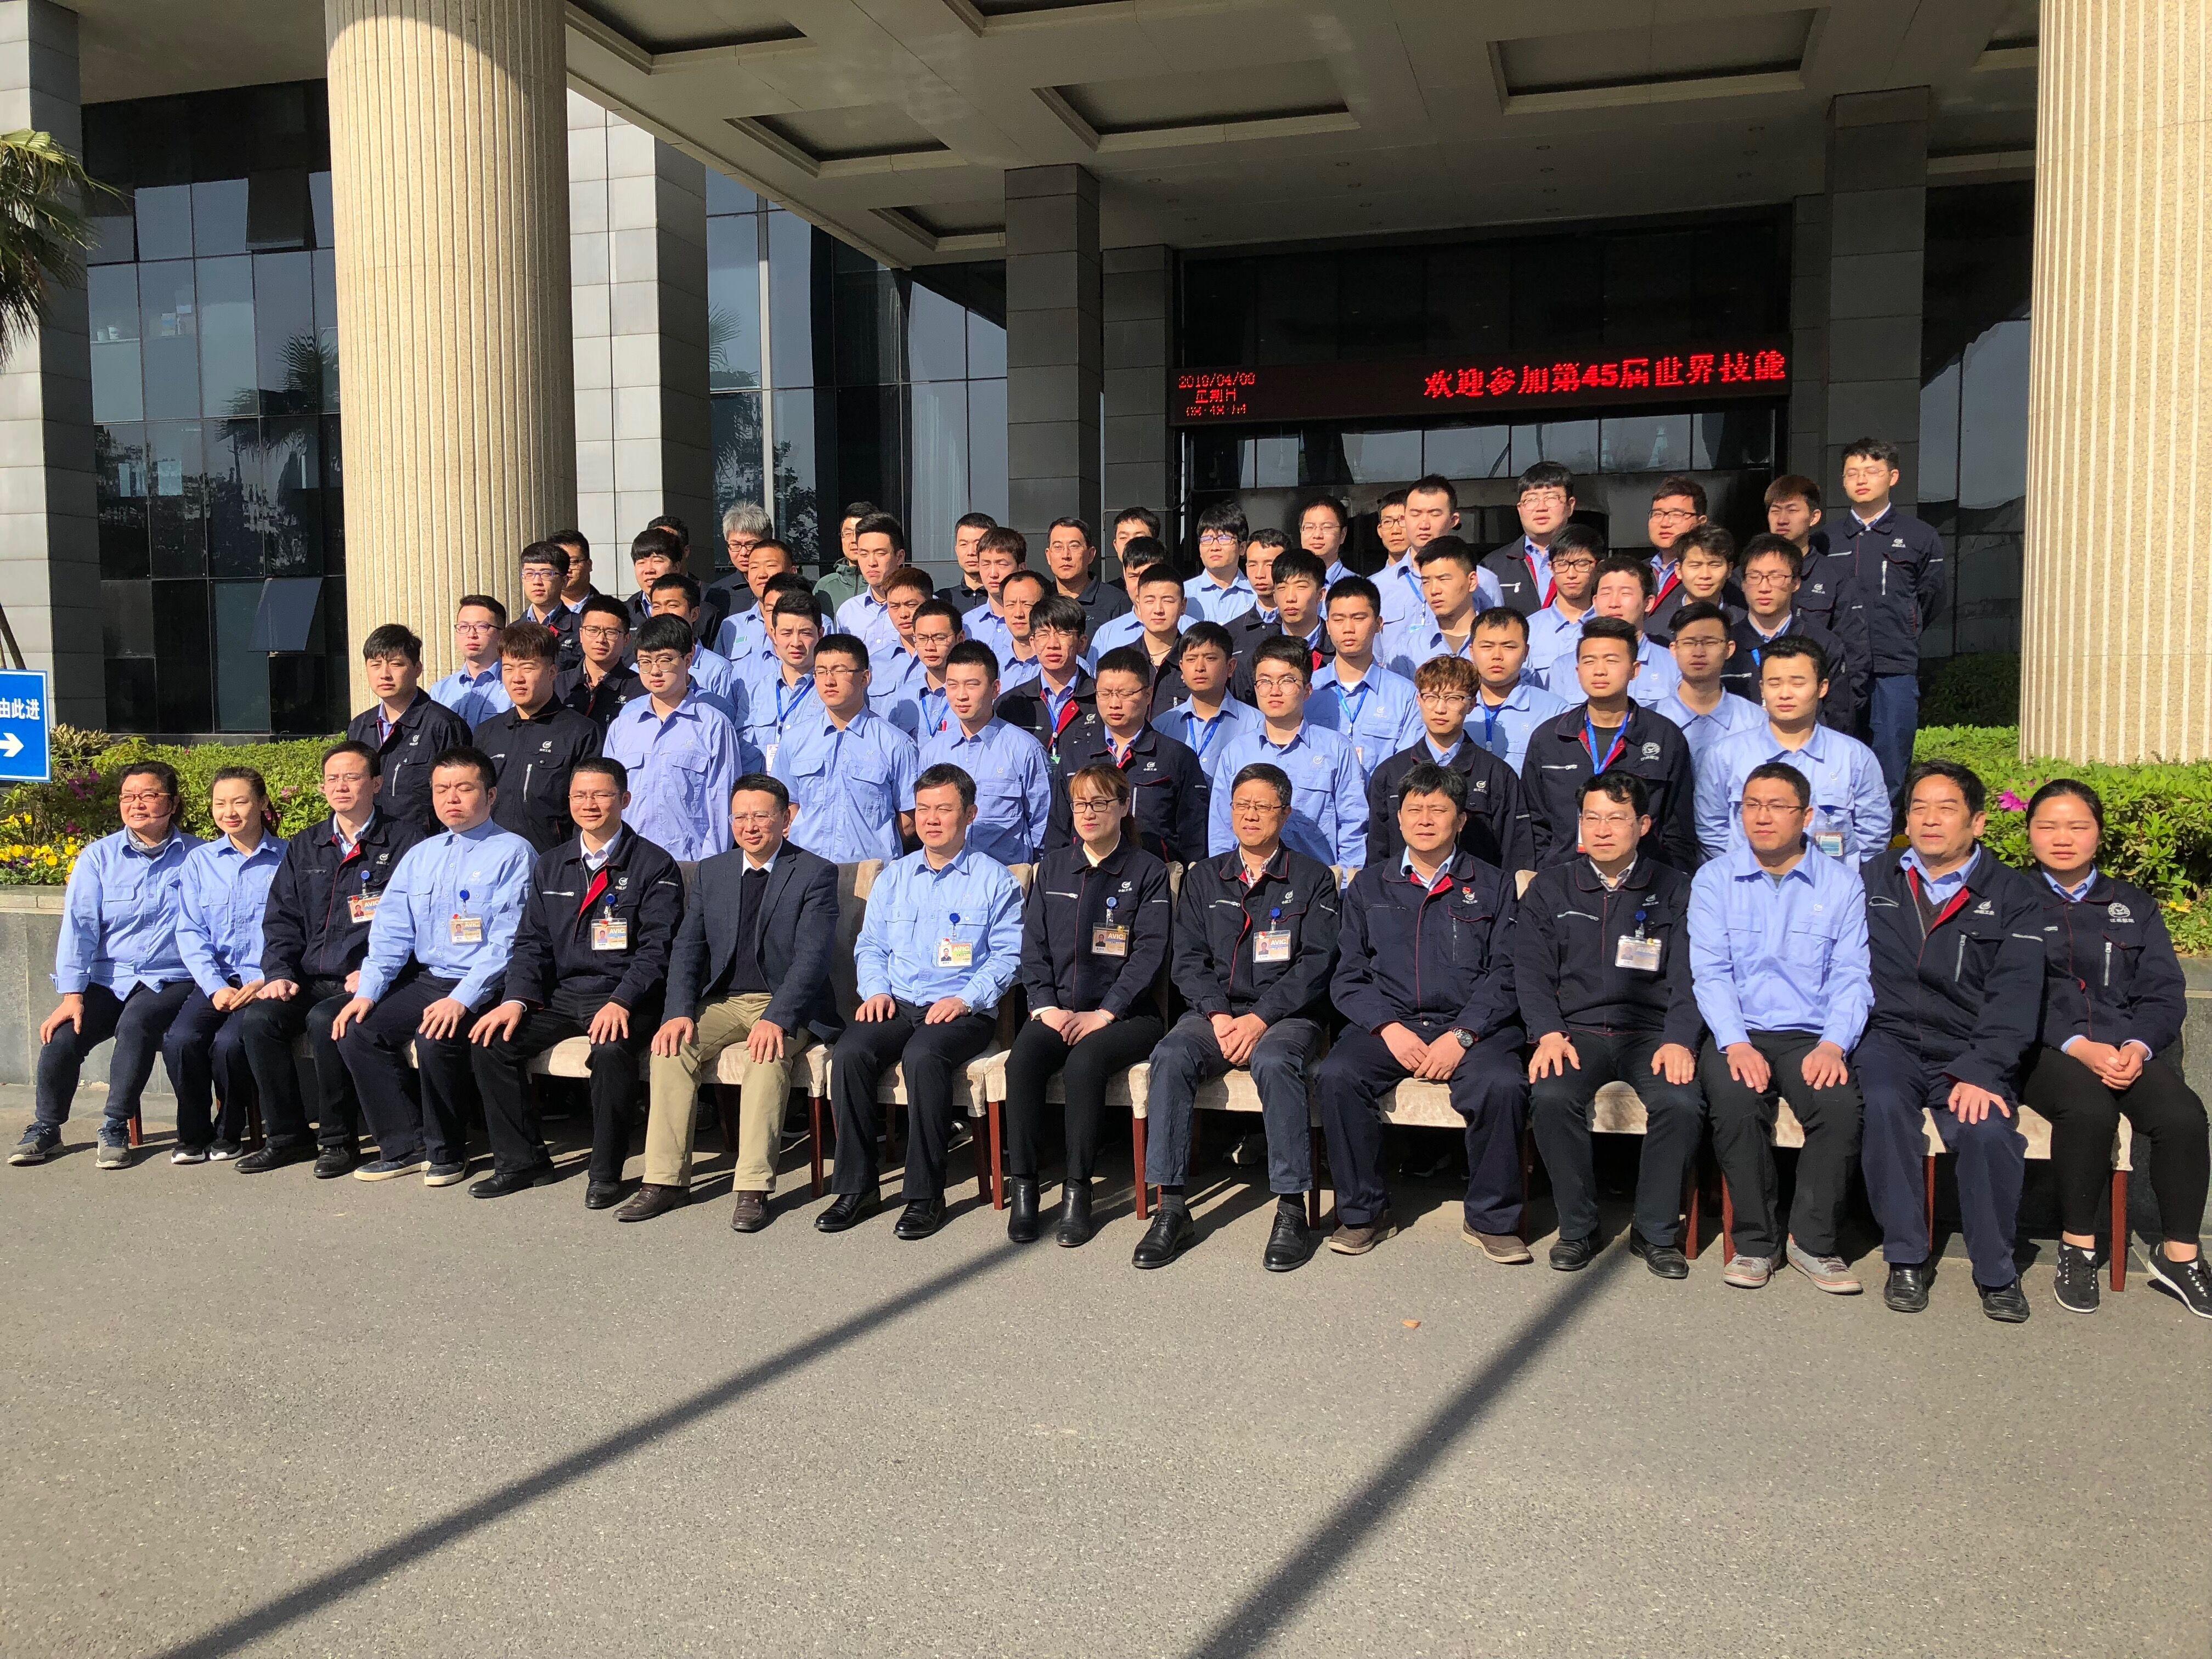 第45届世界技能大赛飞机维修项目航空工业选拔赛参赛选手培训班开班4.jpg